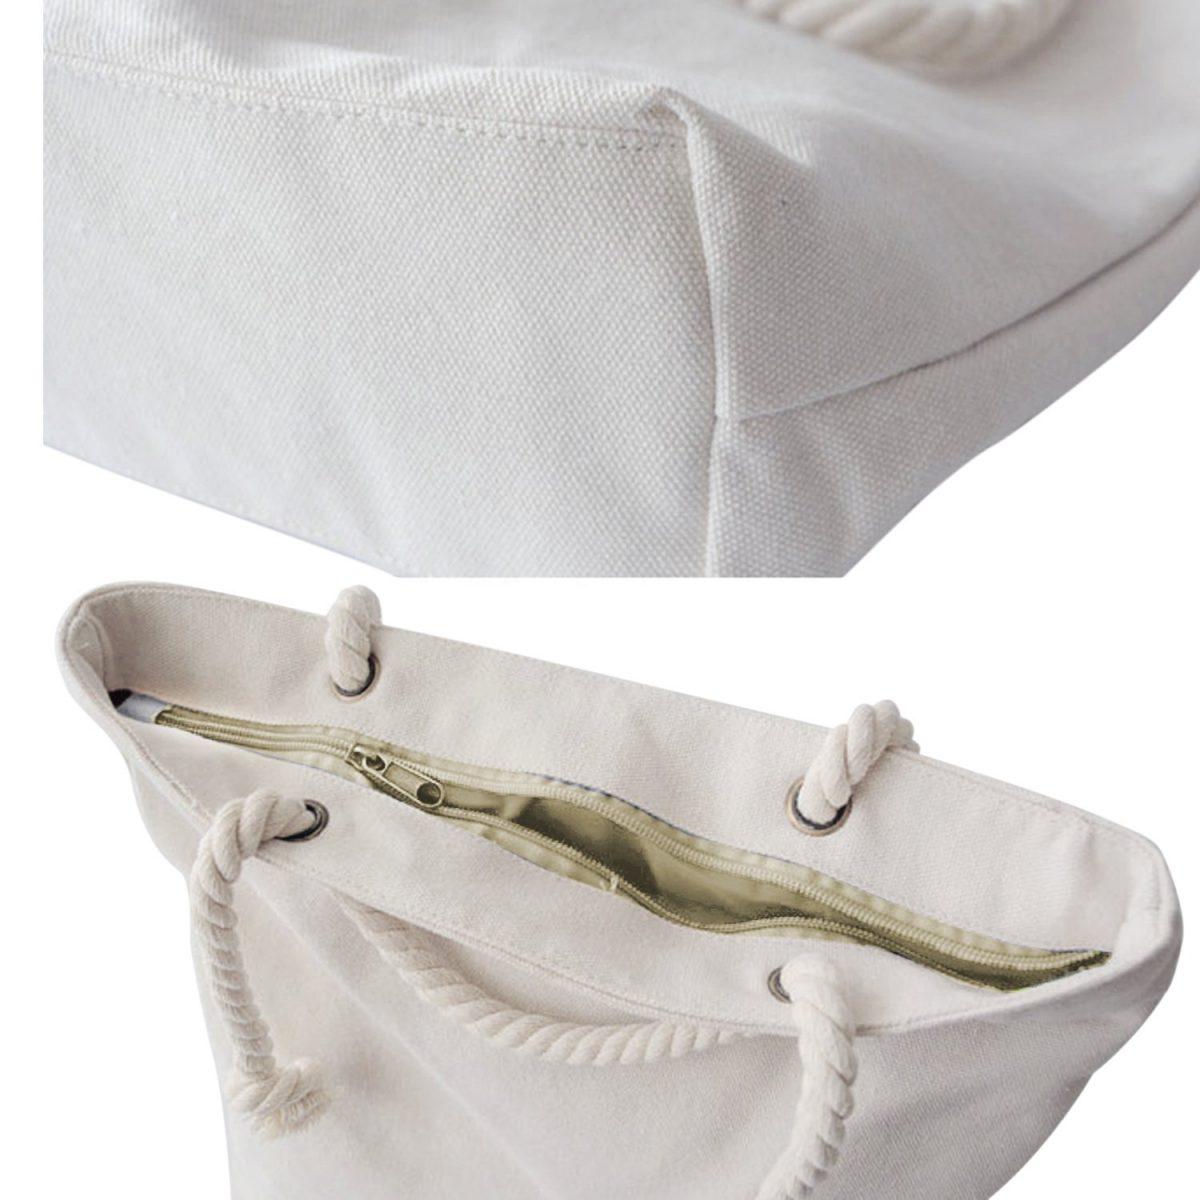 Geyik Motifli Özel Tasarım Dijital Baskılı Fermuarlı Kumaş Çanta Realhomes